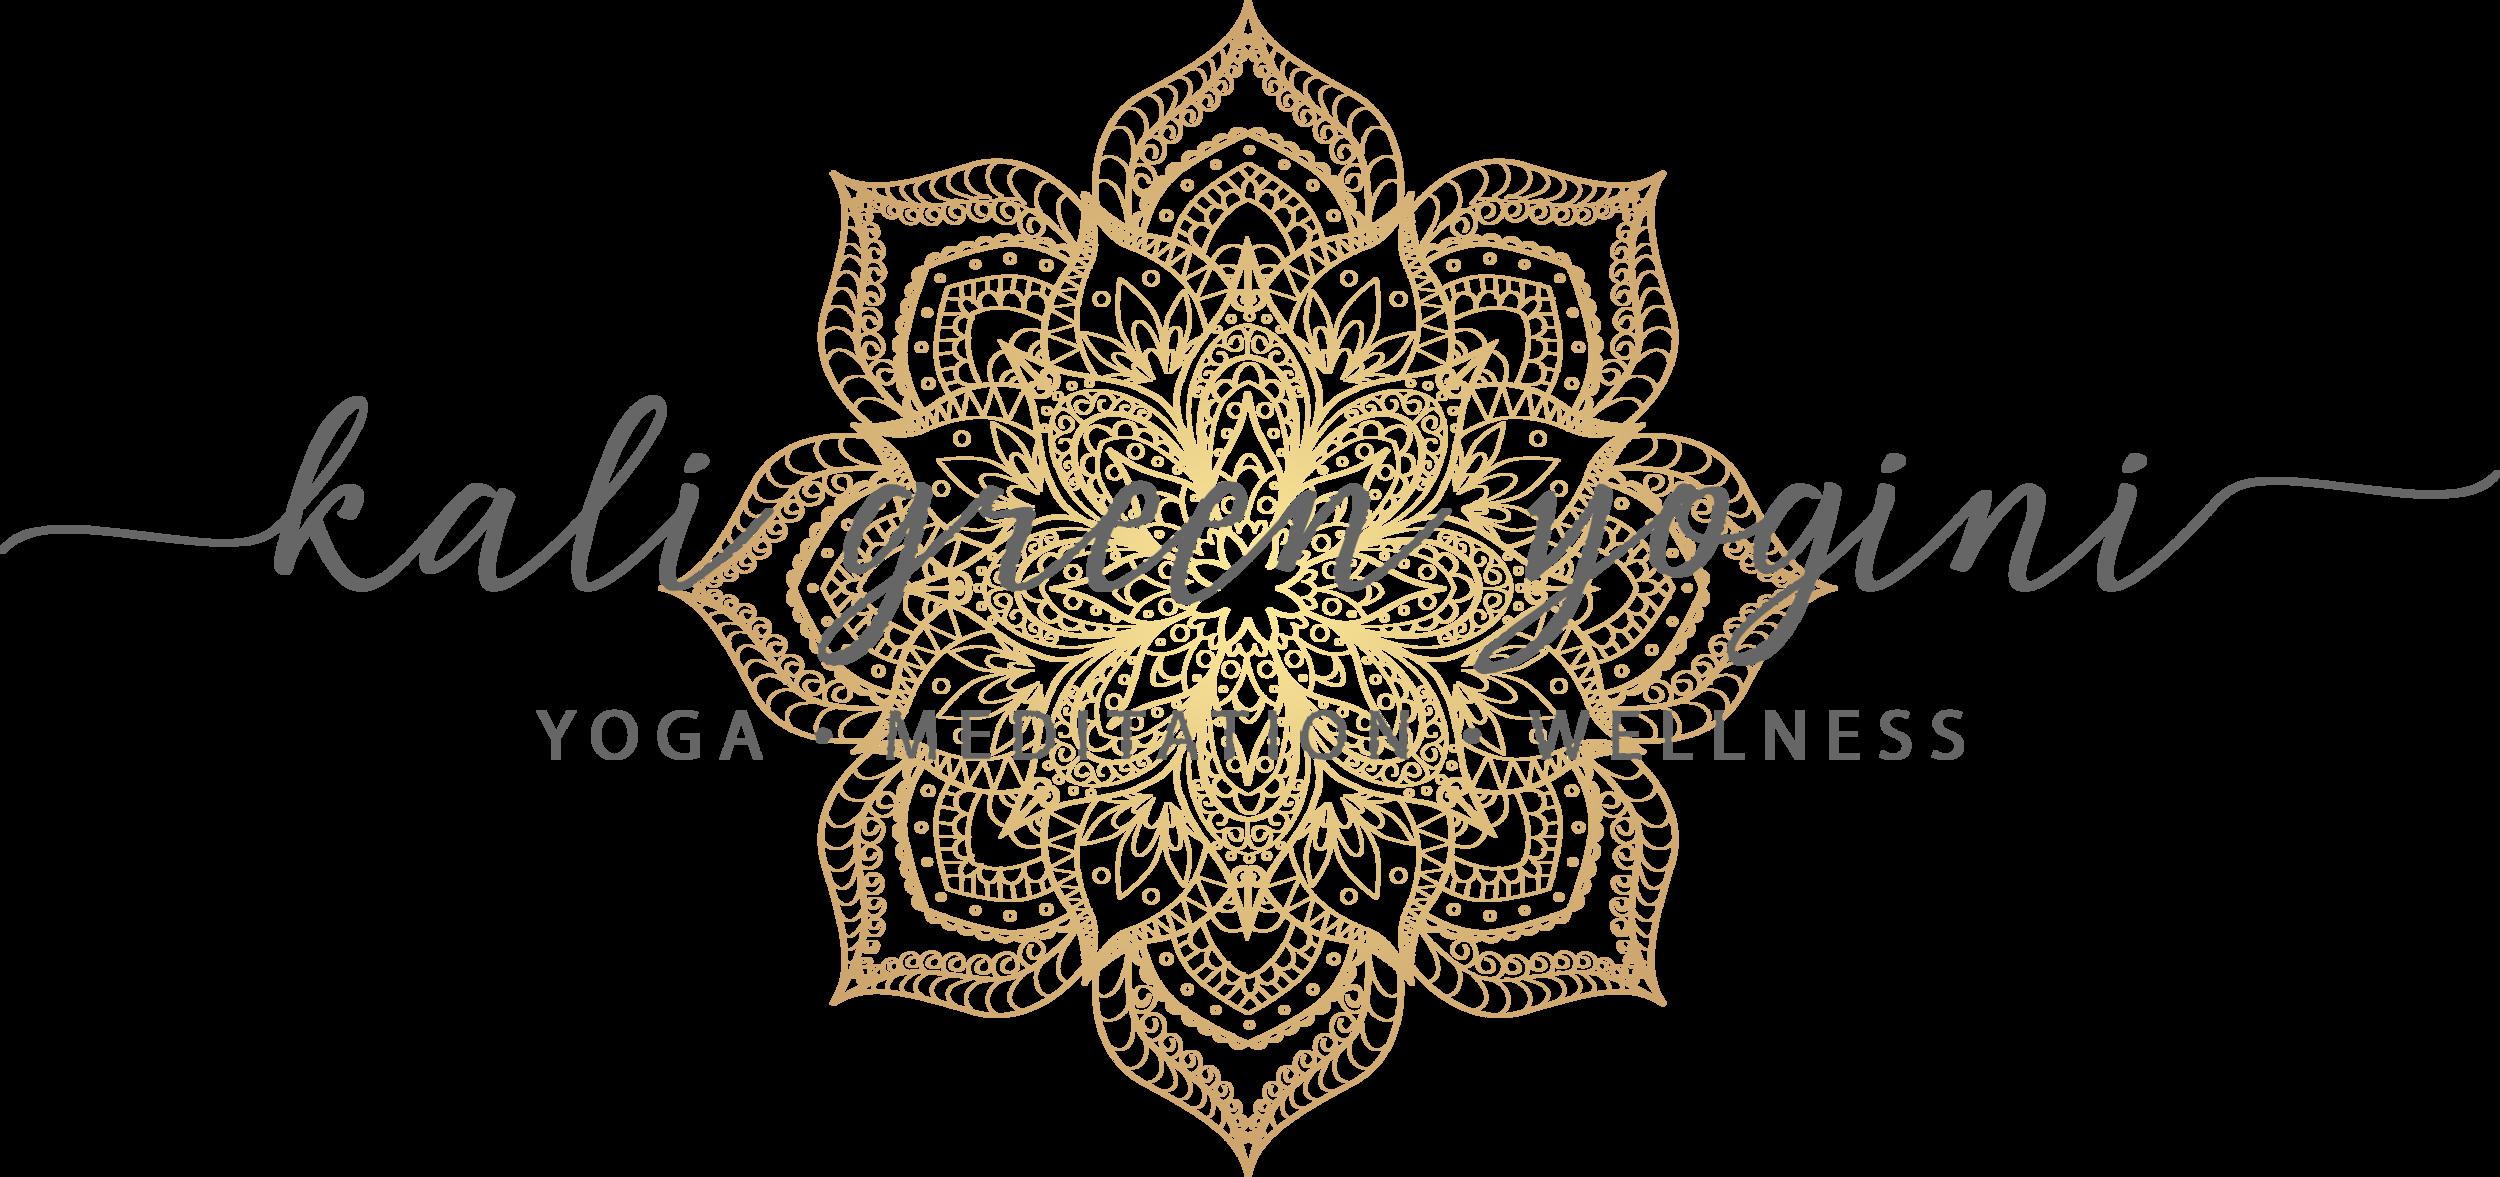 Kali Green Yogini-logo.png